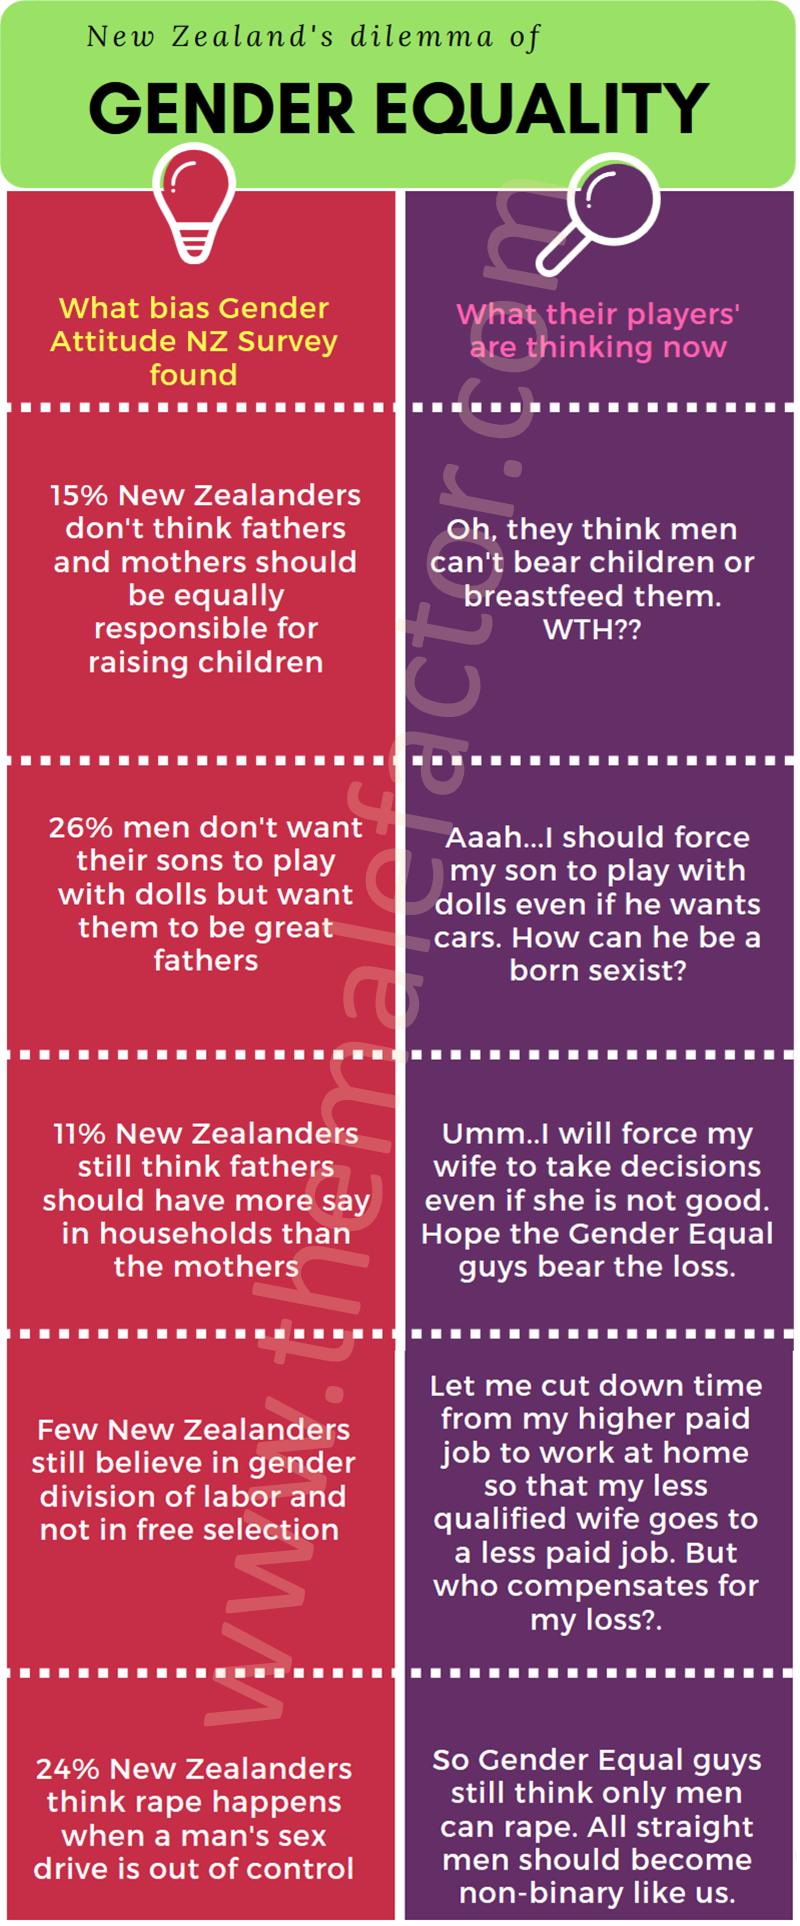 NZ-dillemma-gender-equality